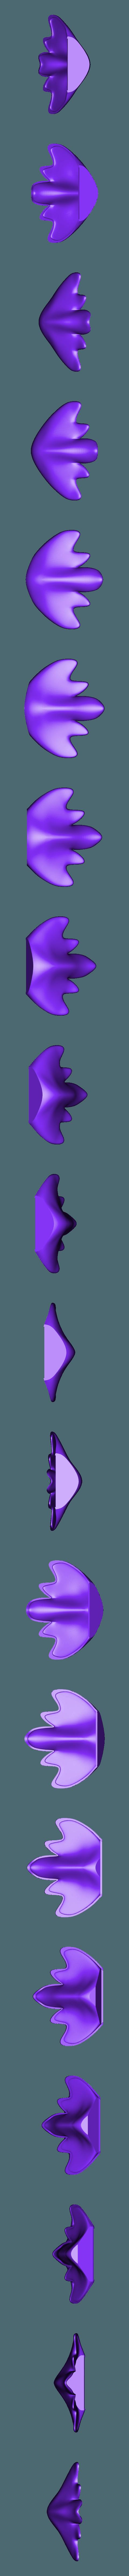 queue.stl Télécharger fichier STL gratuit Applique colombe • Modèle imprimable en 3D, micaldez